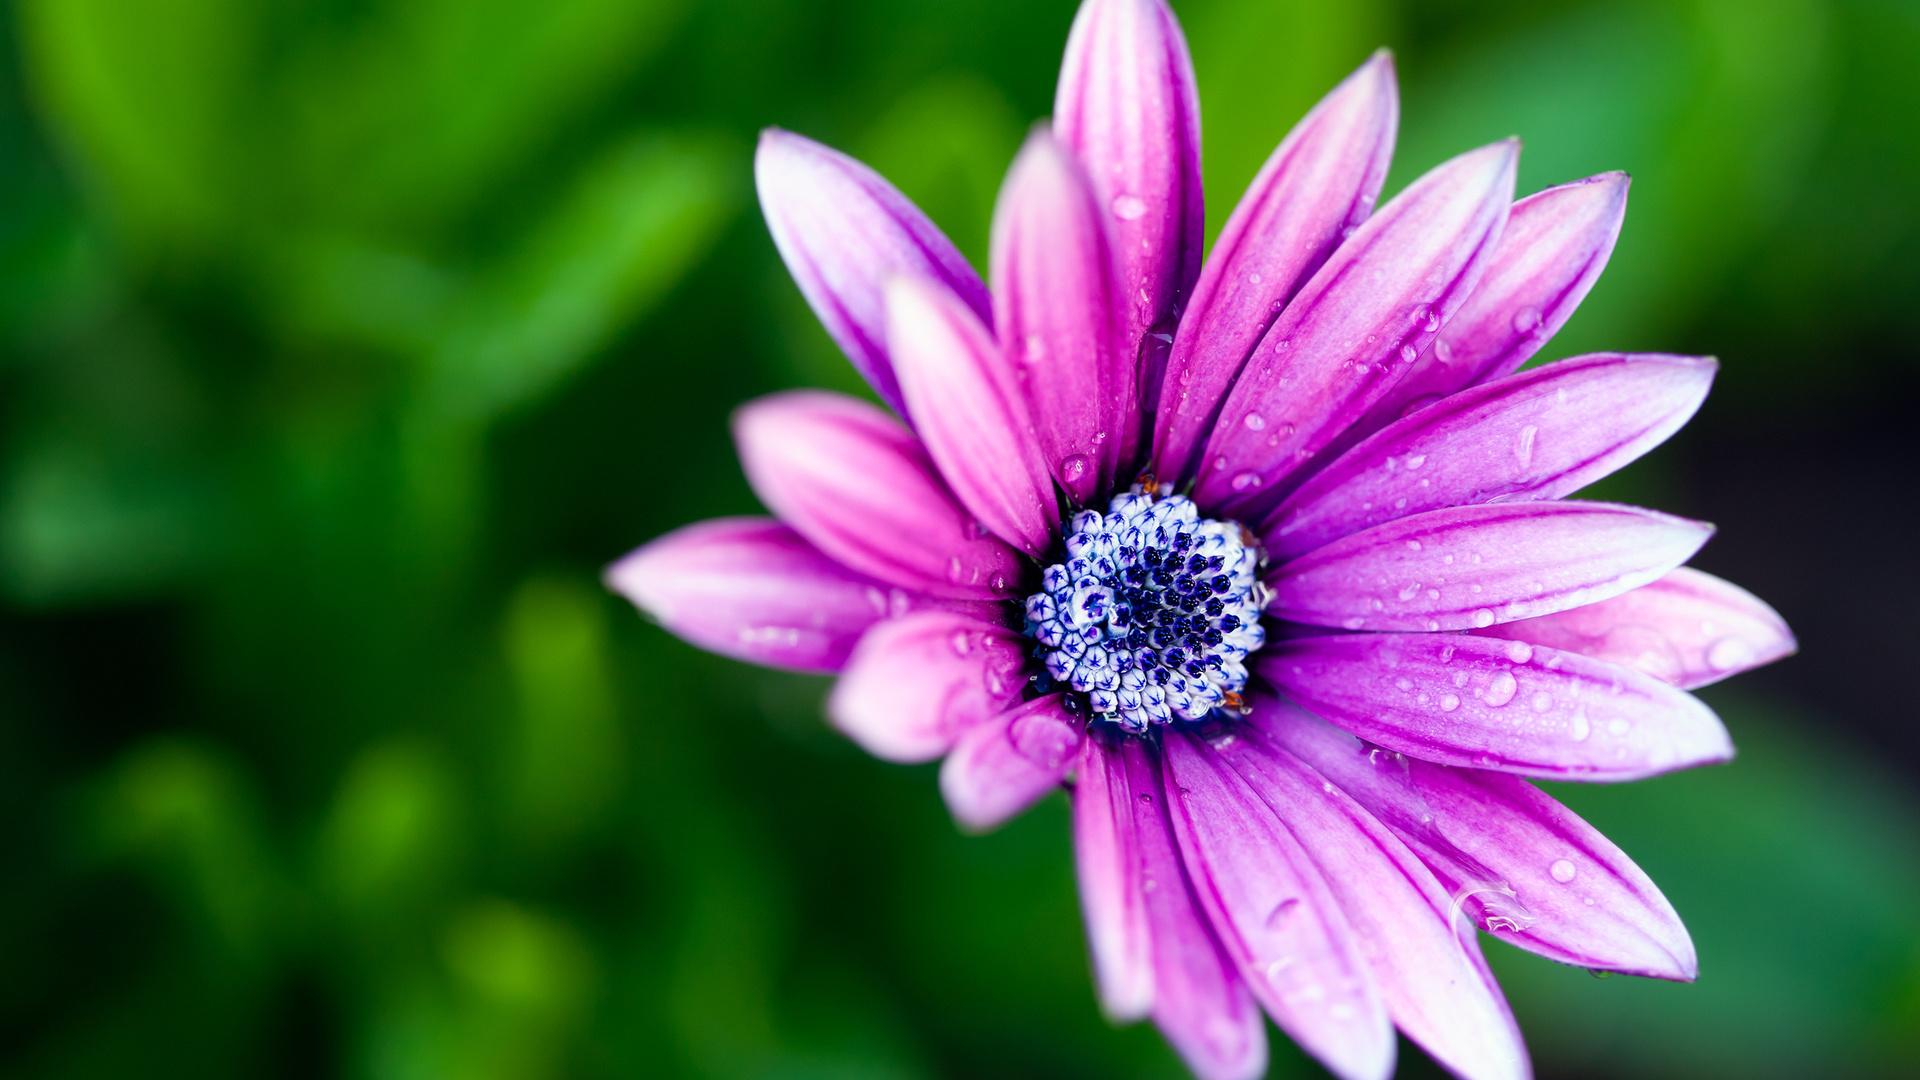 картинки на телефон цветы крупные знакомится девушкой имени